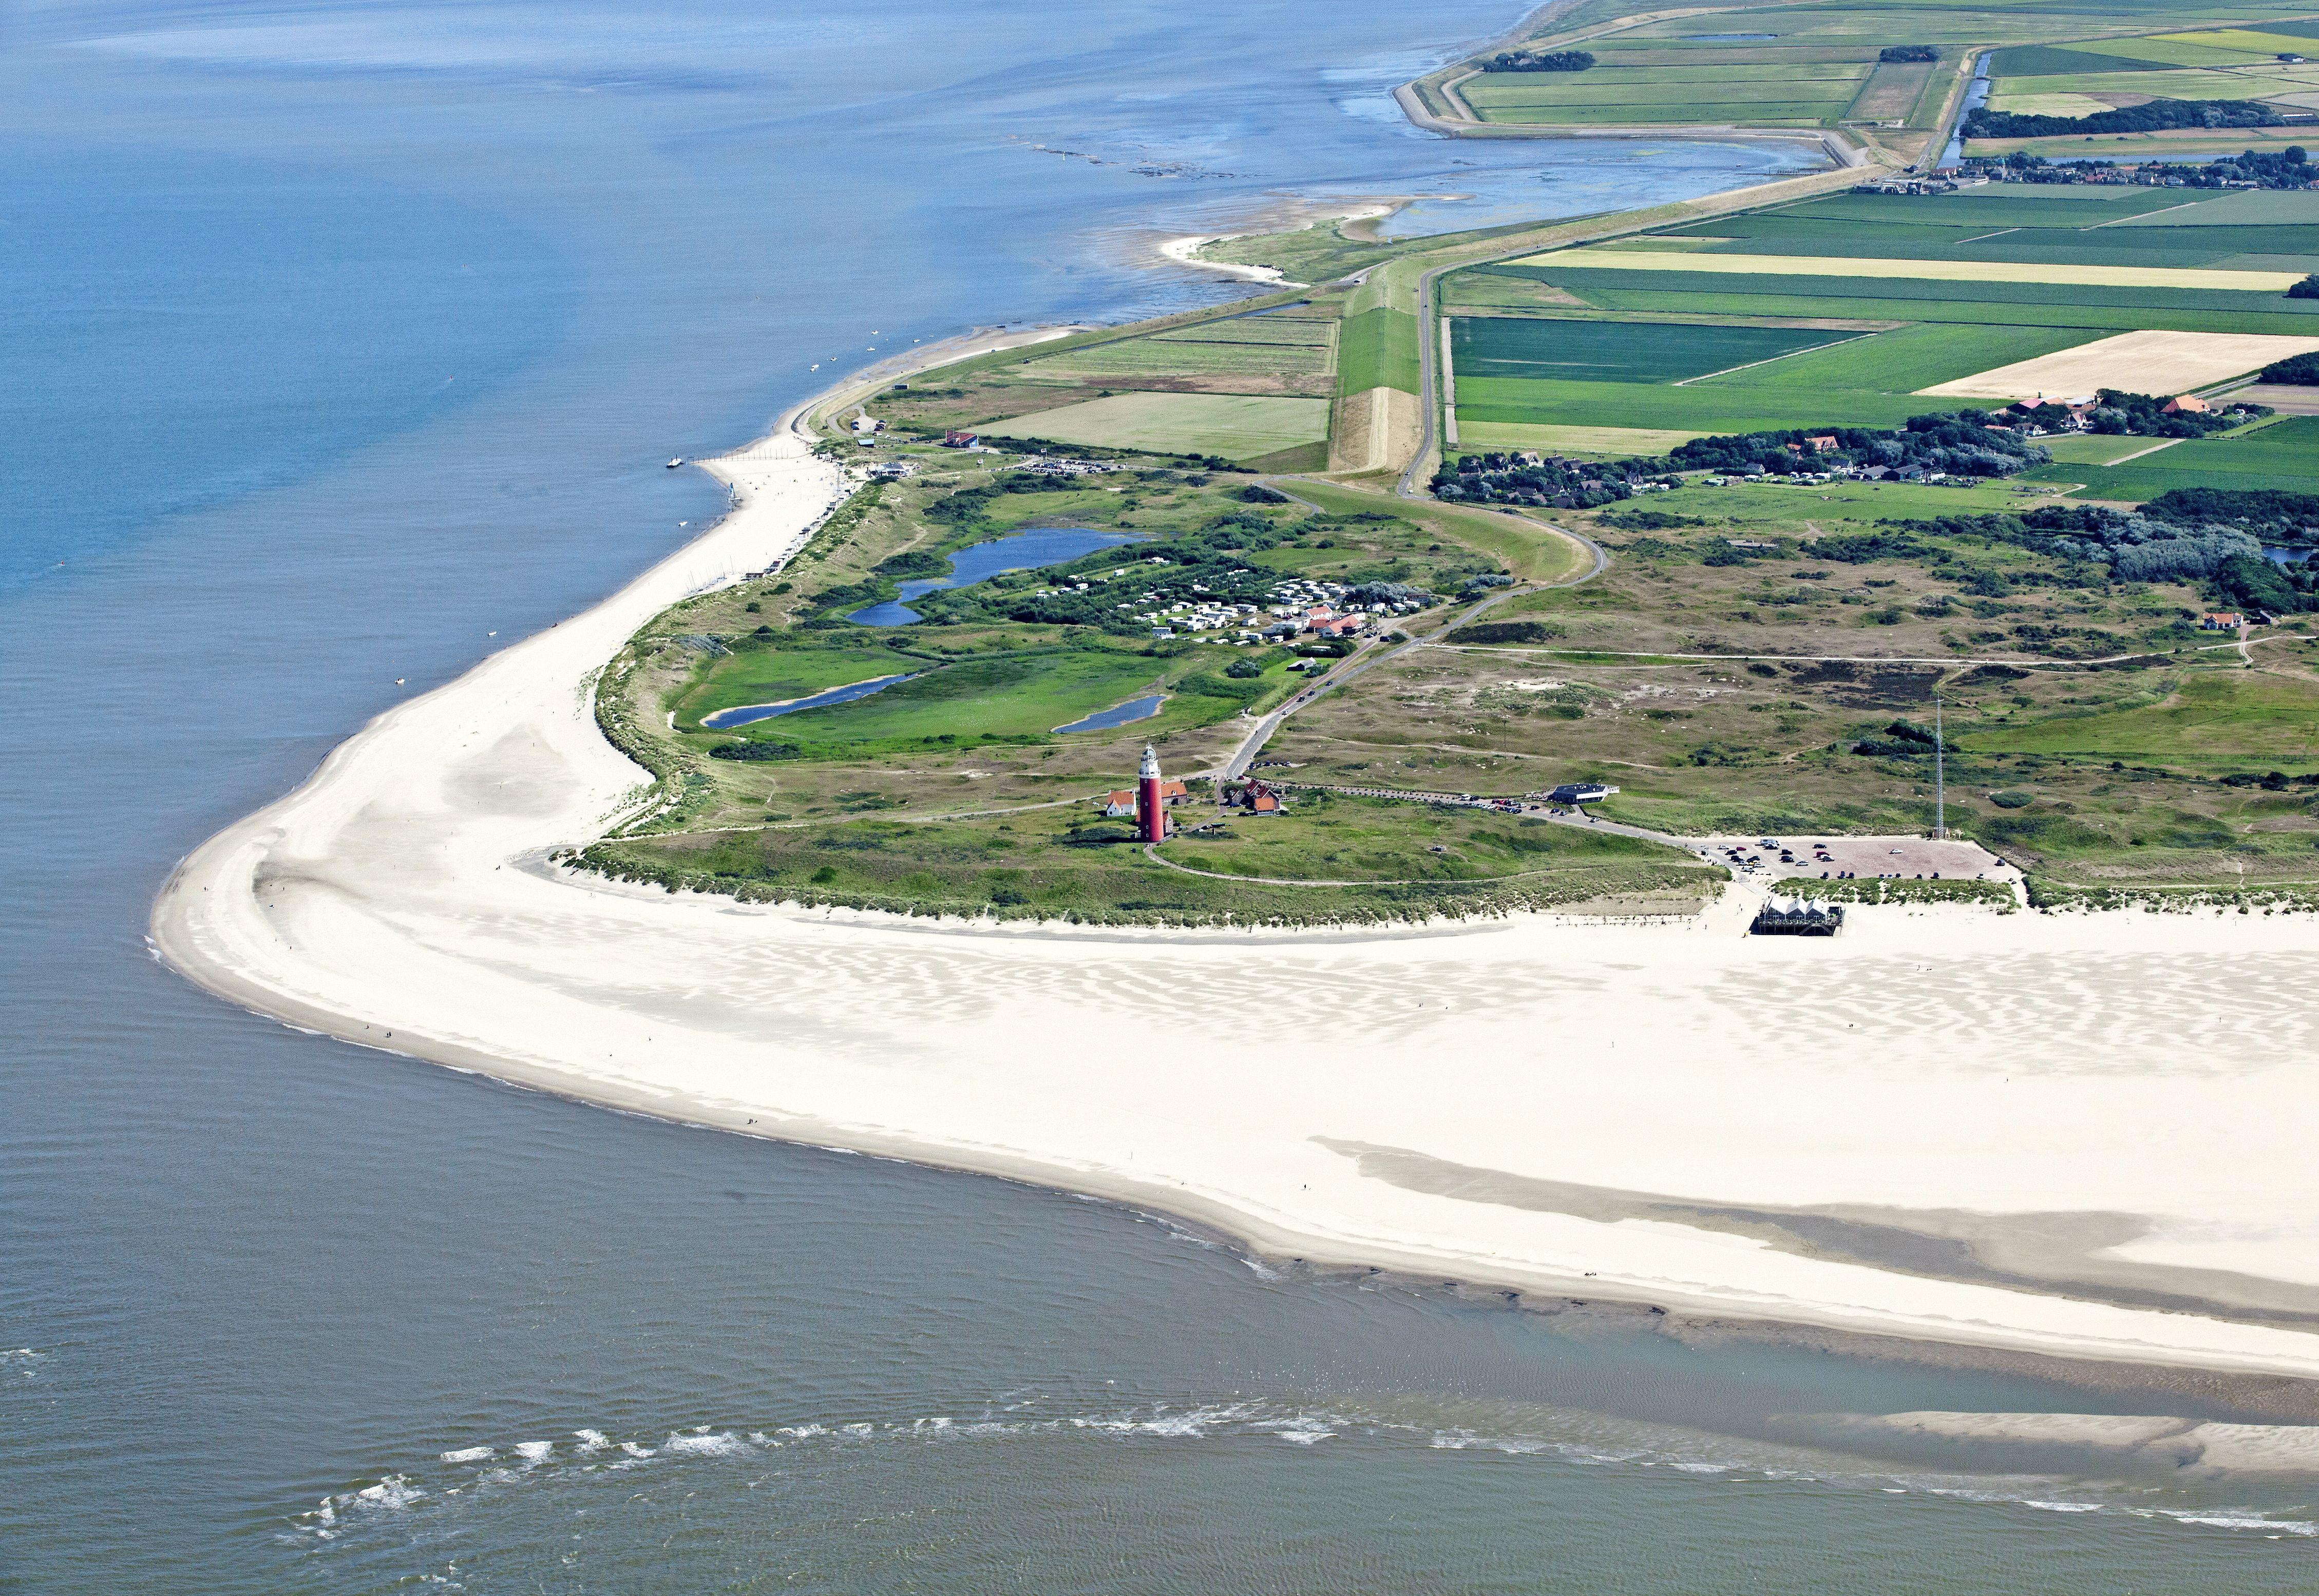 Vrienden of familie in huis als je op vakantie bent? Moet kunnen, vindt de rechter. Maar hoe controleert Texel nu of dat geen illegale verhuur aan toeristen is?